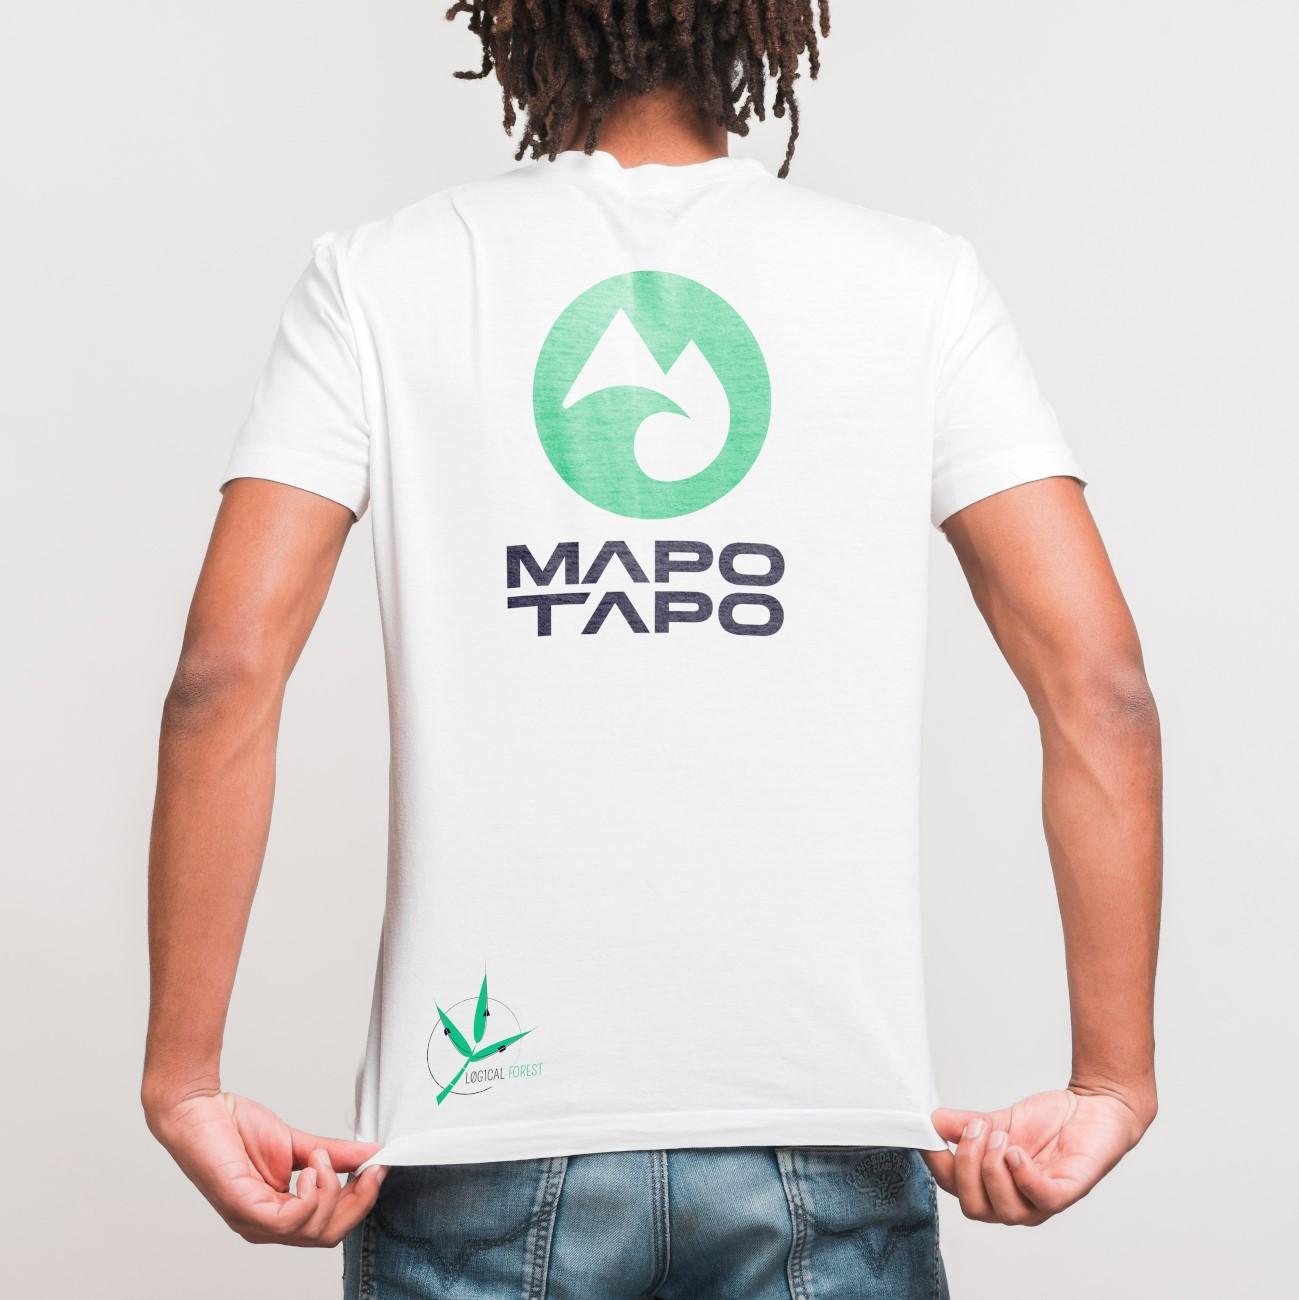 Merce Mapo Tapo